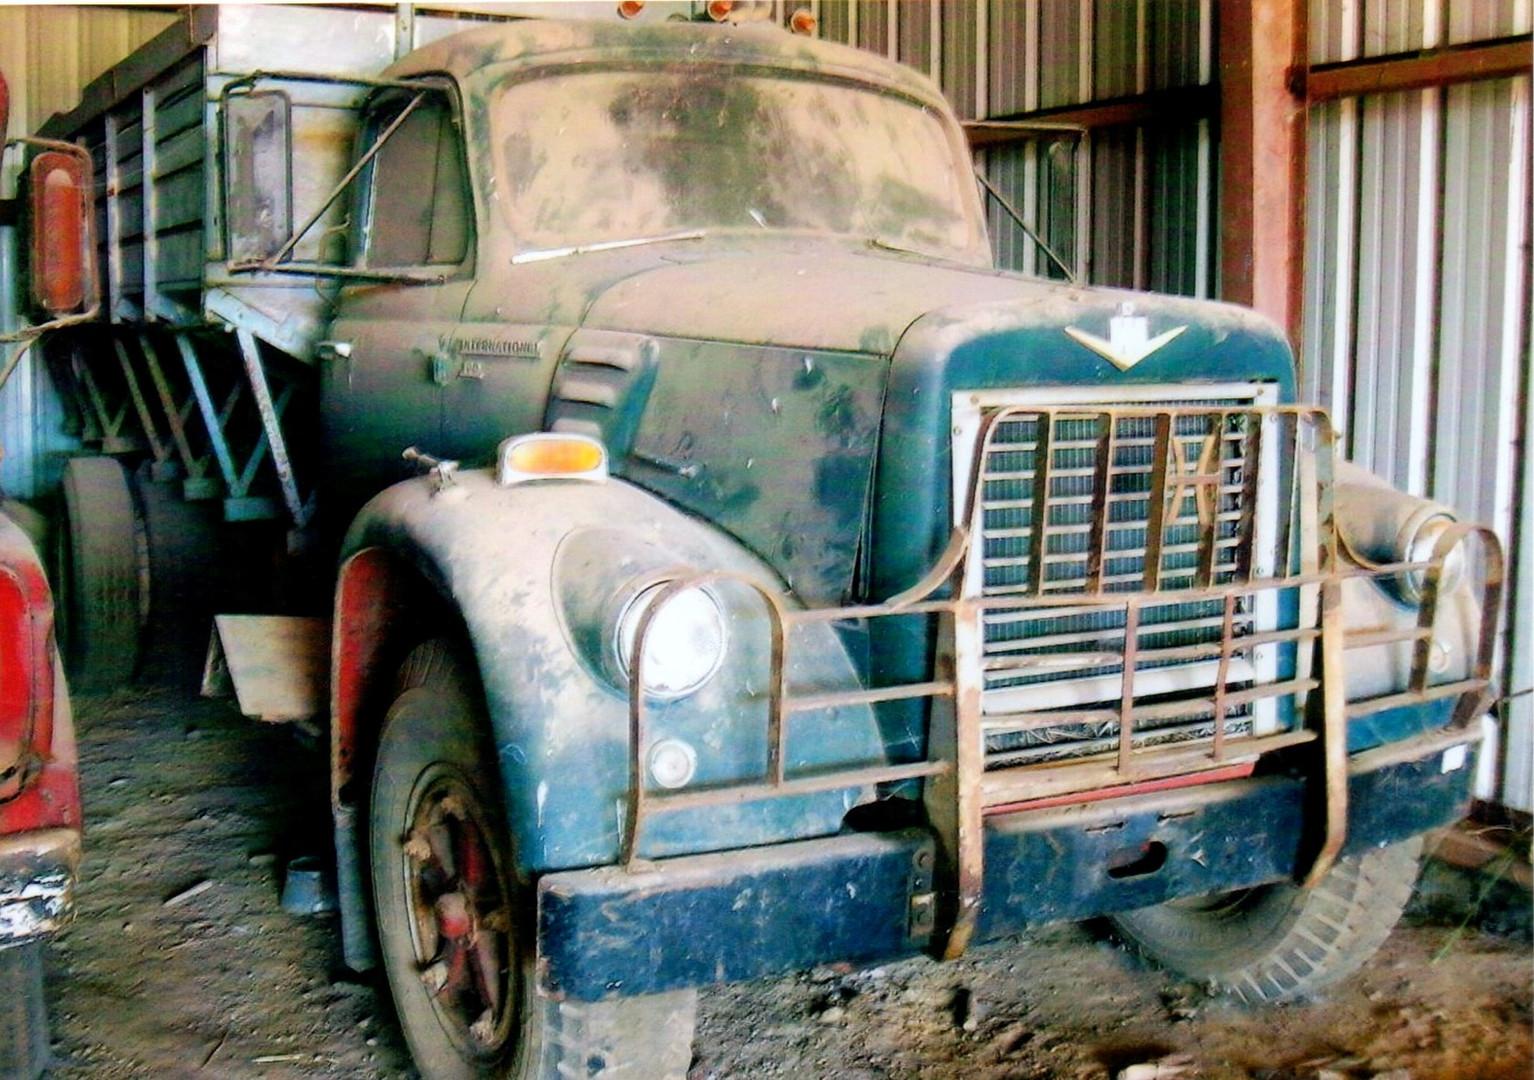 A very dirty 1956-63 International V series